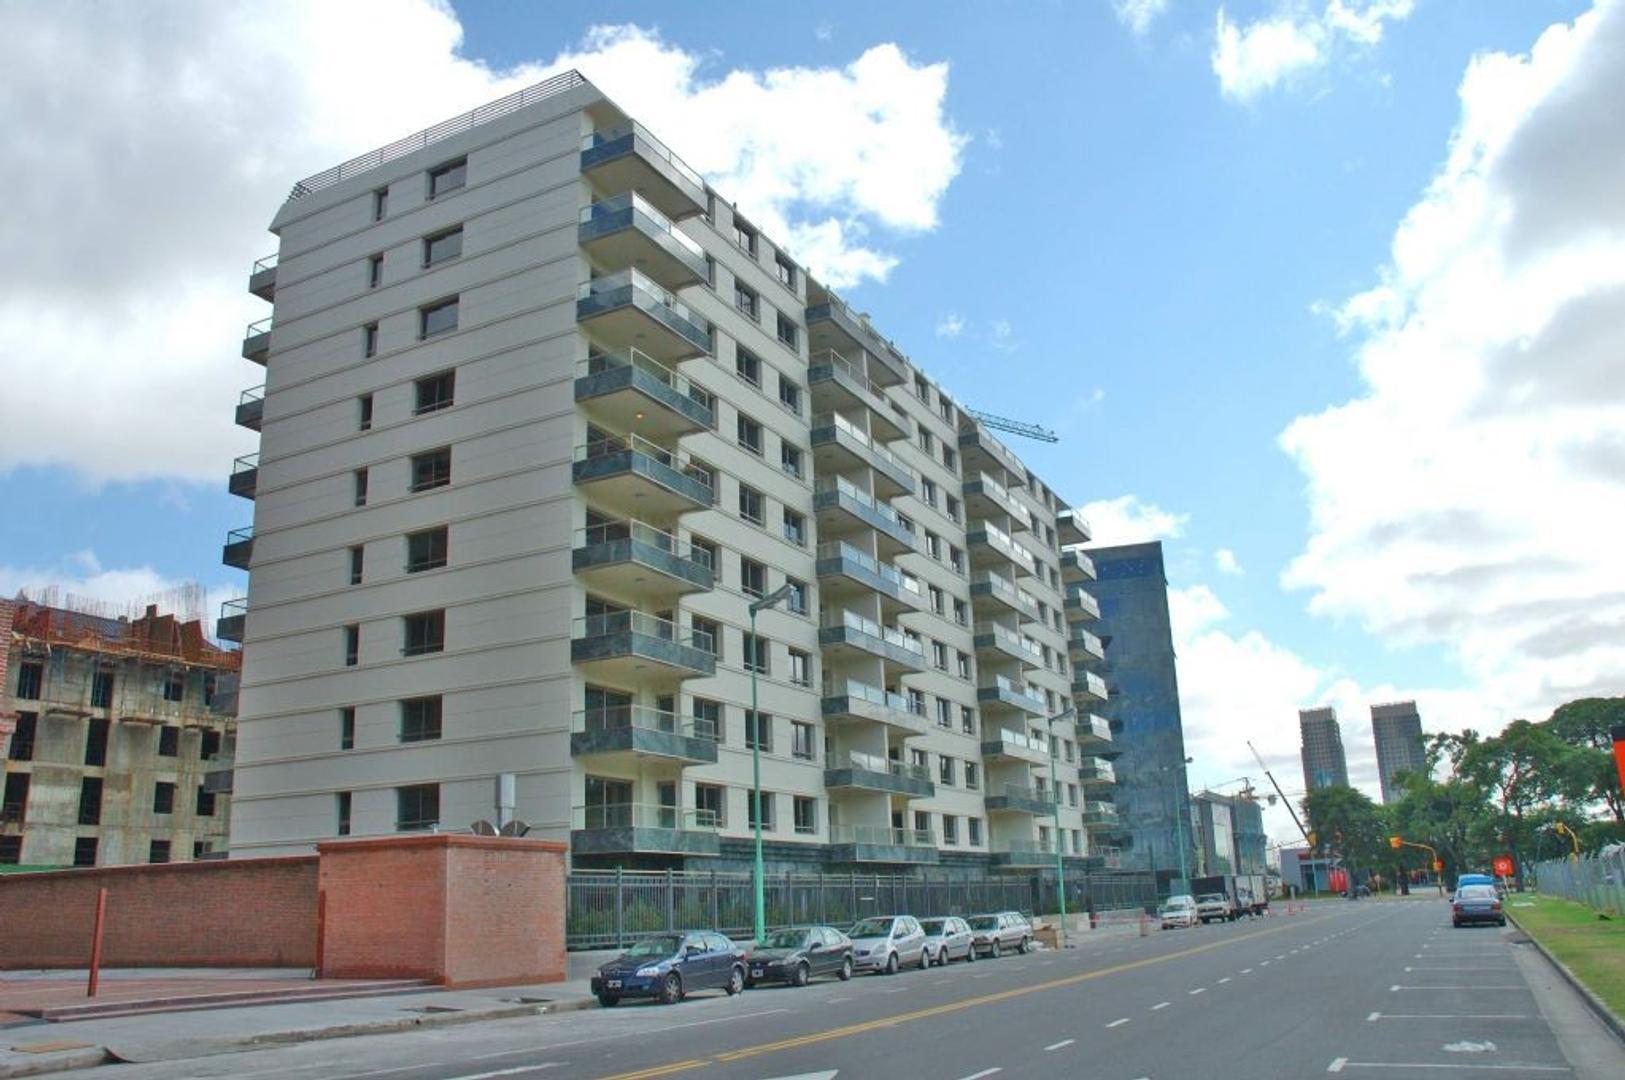 Departamento  en Alquiler ubicado en Puerto Madero, Capital Federal - MAD0046_LP3451_3